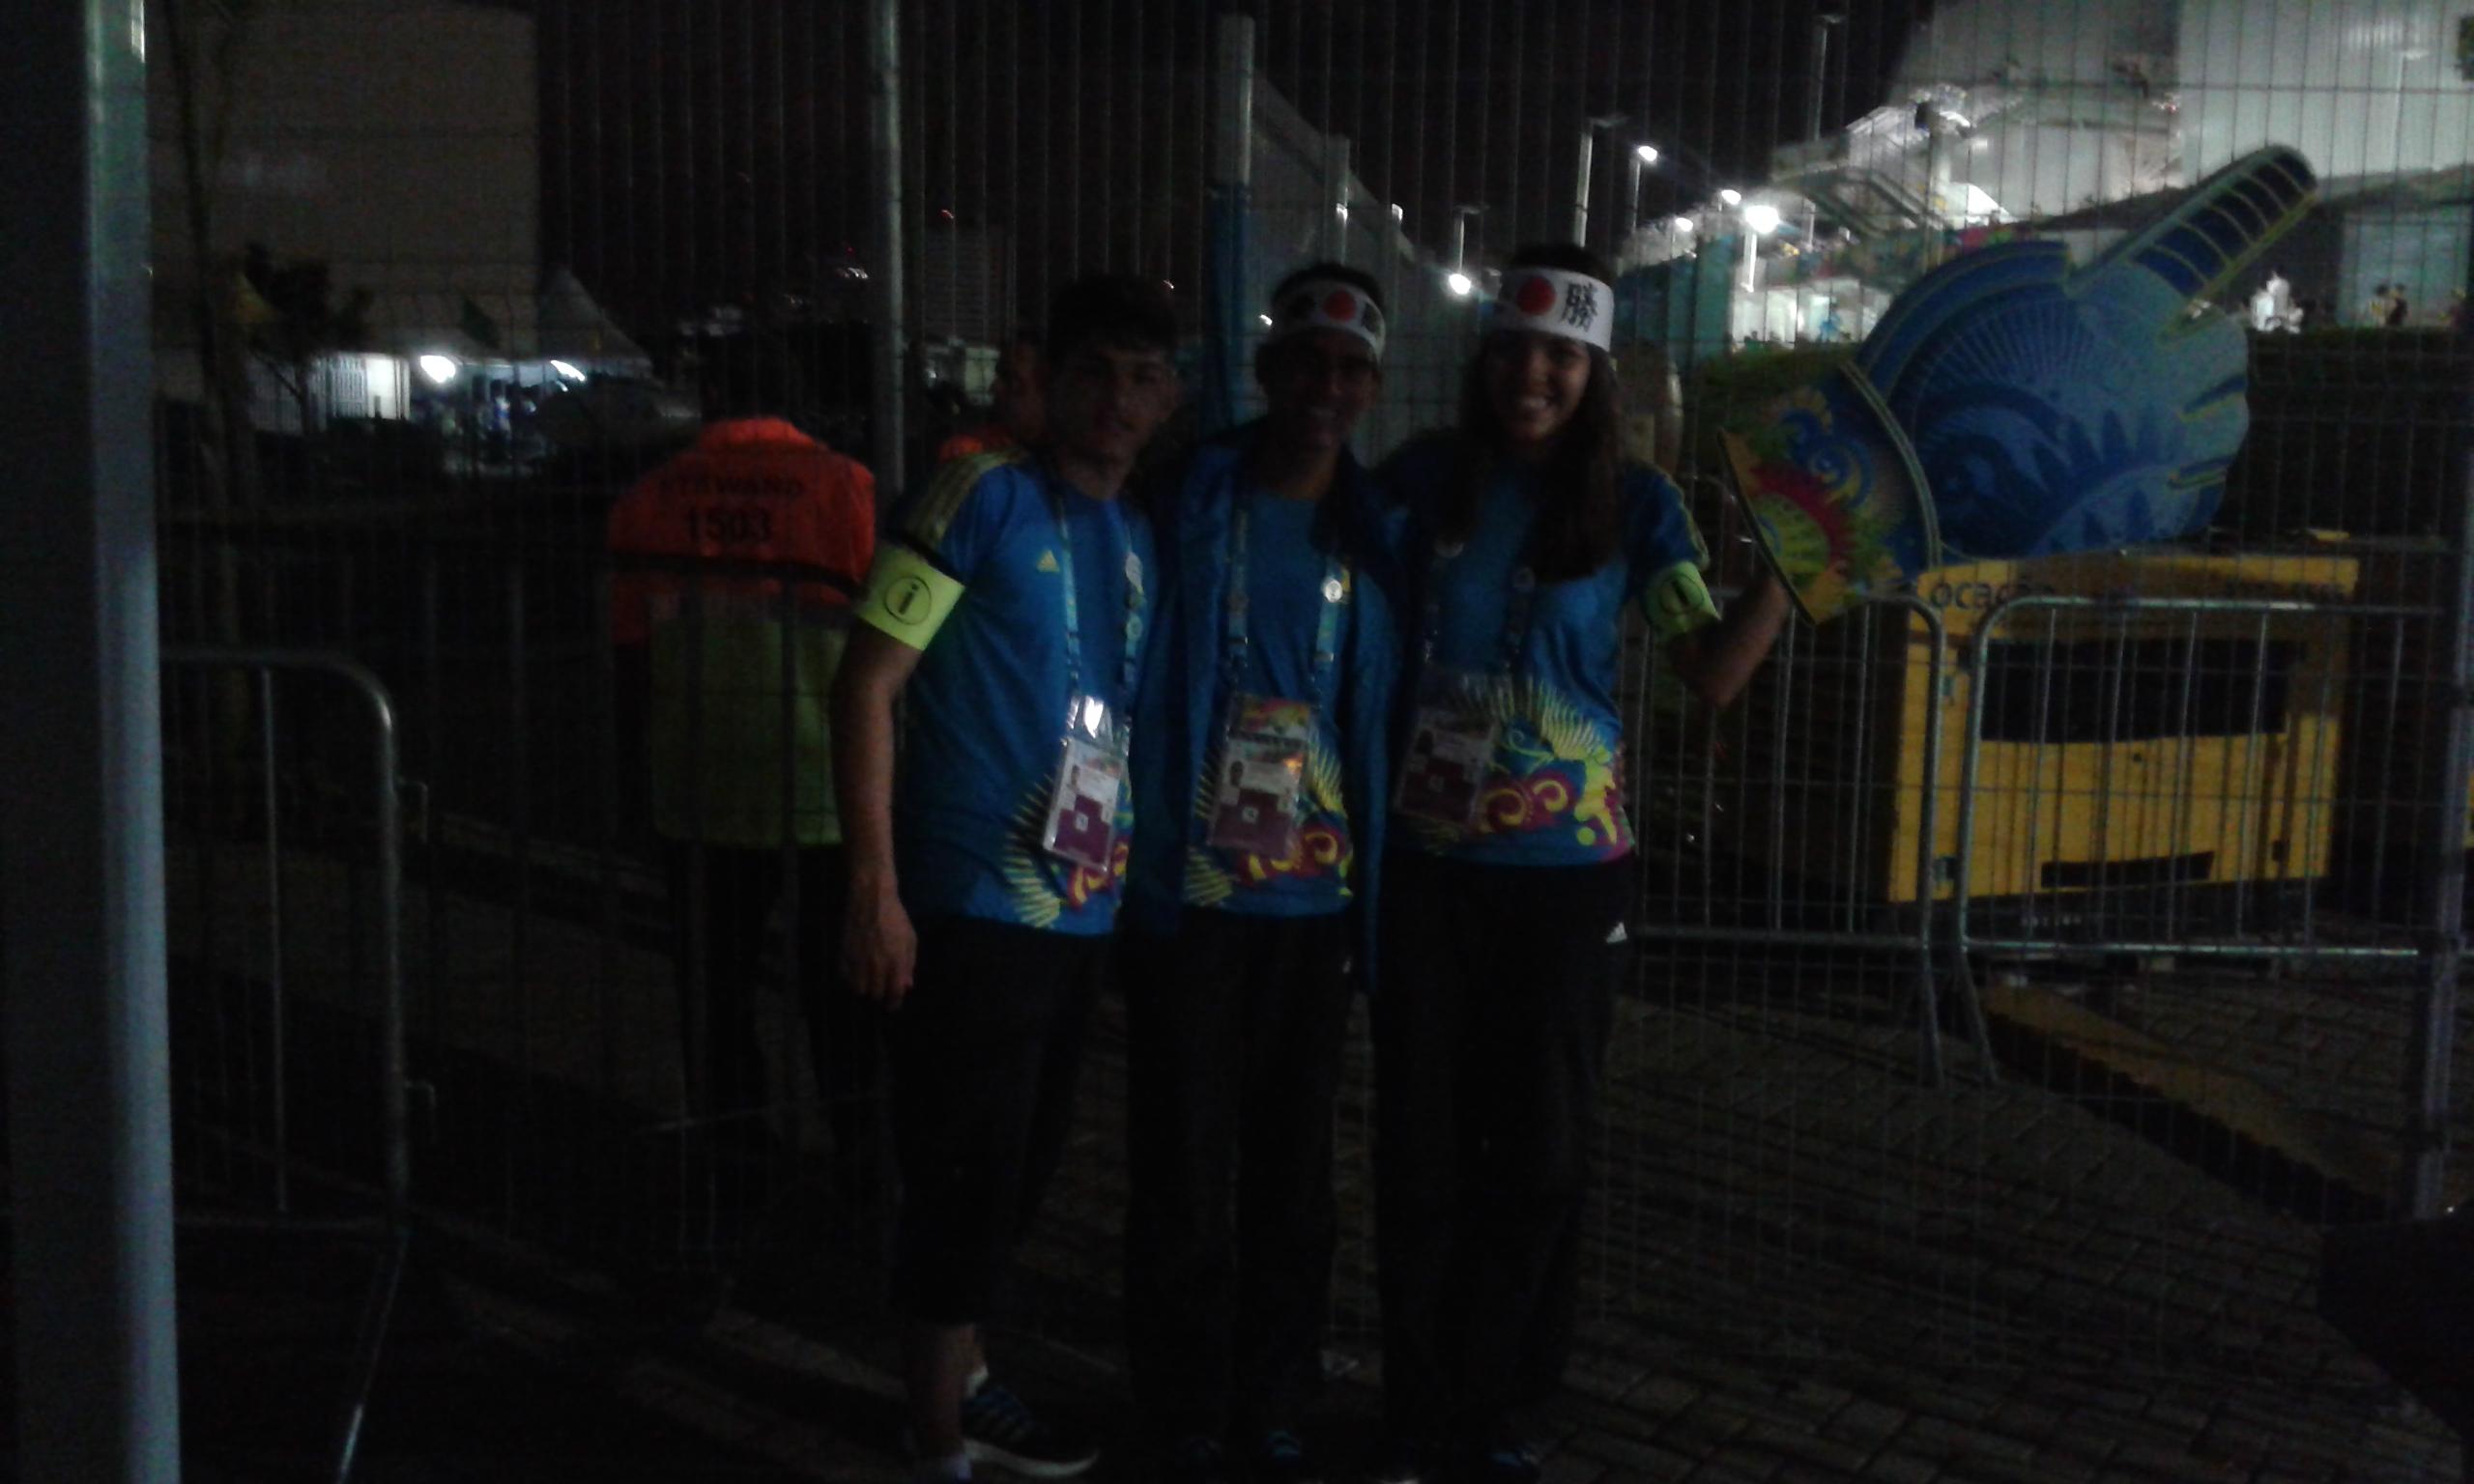 L'un groupe de volontaires de la FIFA aidaient les supporters durant l'entrée d'eux au stade. (Crédit photo: Fabio Santana).